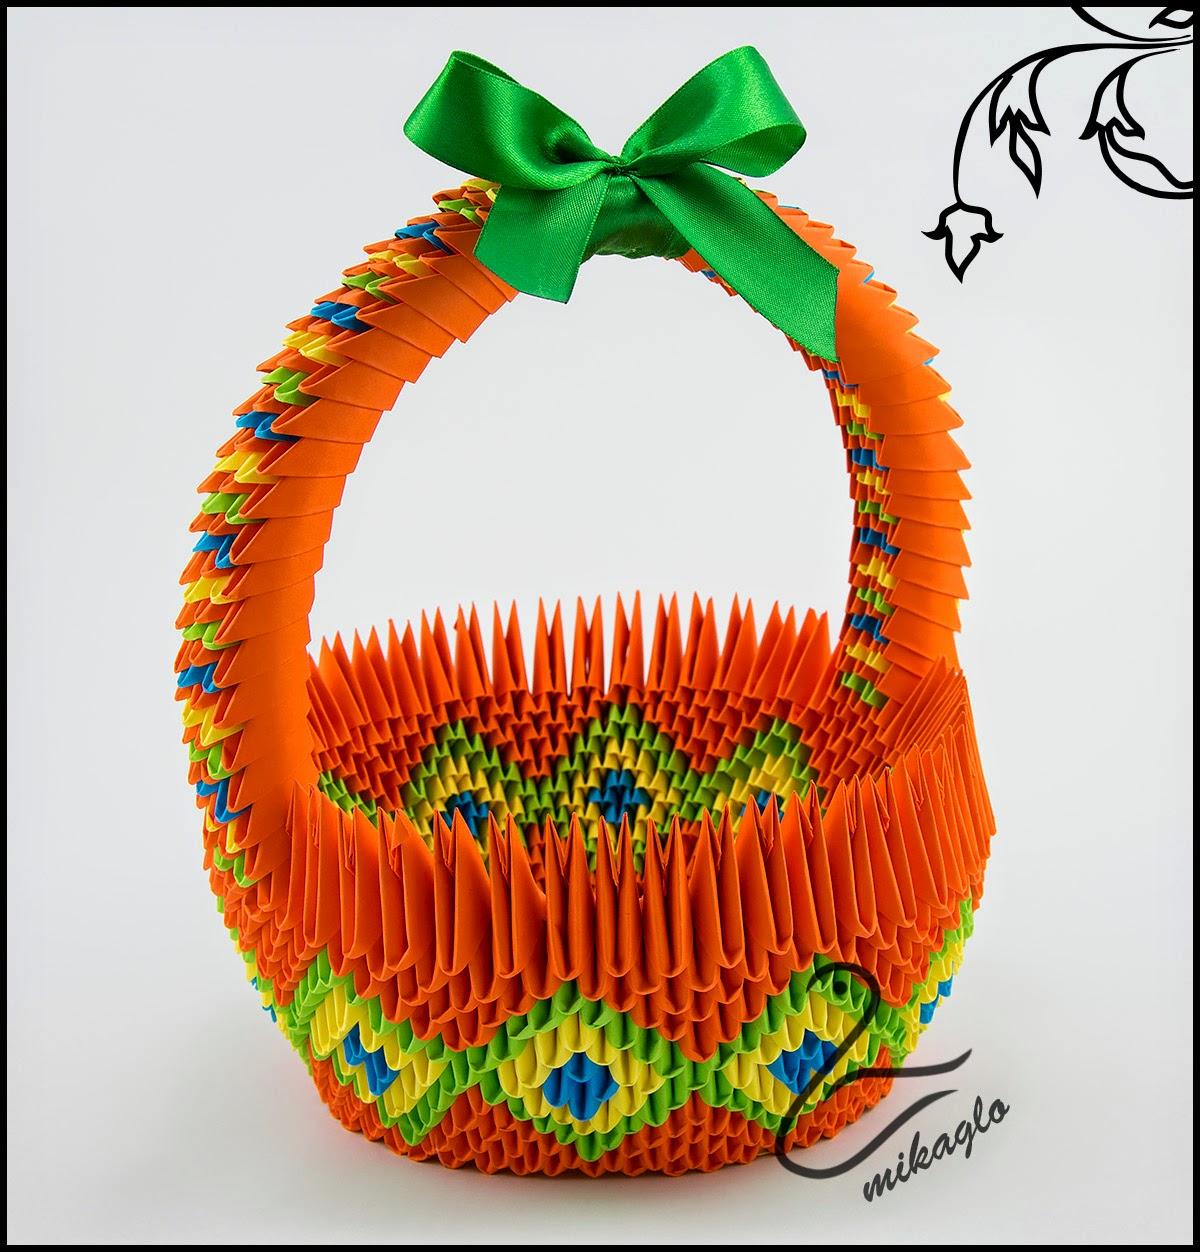 origami 3d mikaglo 52 koszyk w odcieniach pomara�czy